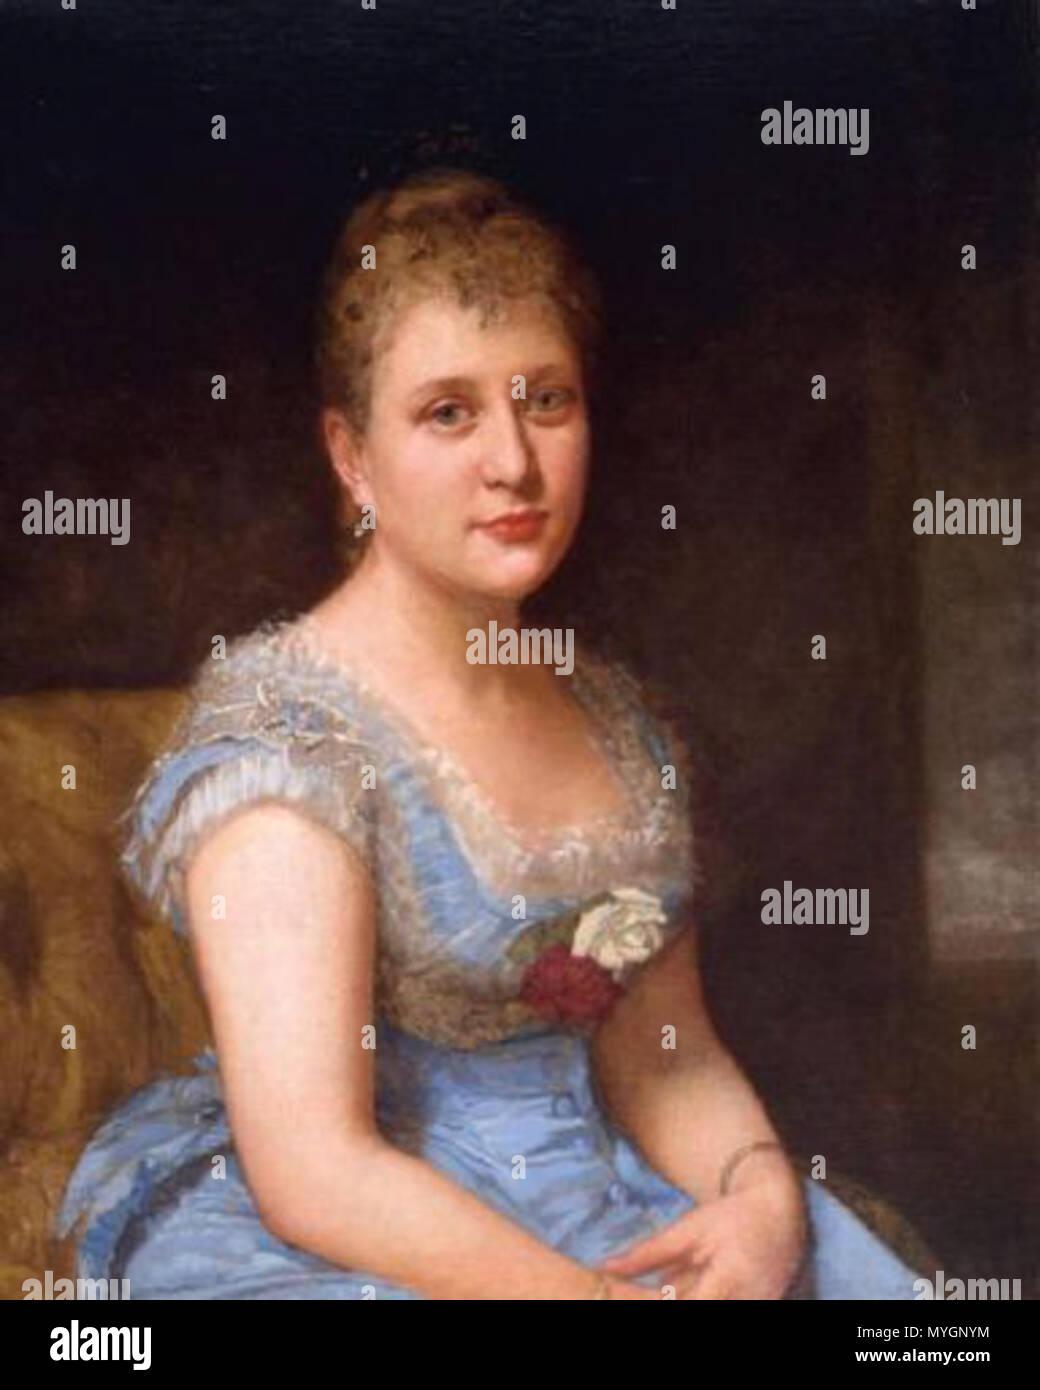 englisch: porträt einer frau, ein blaues kleid mit weißer